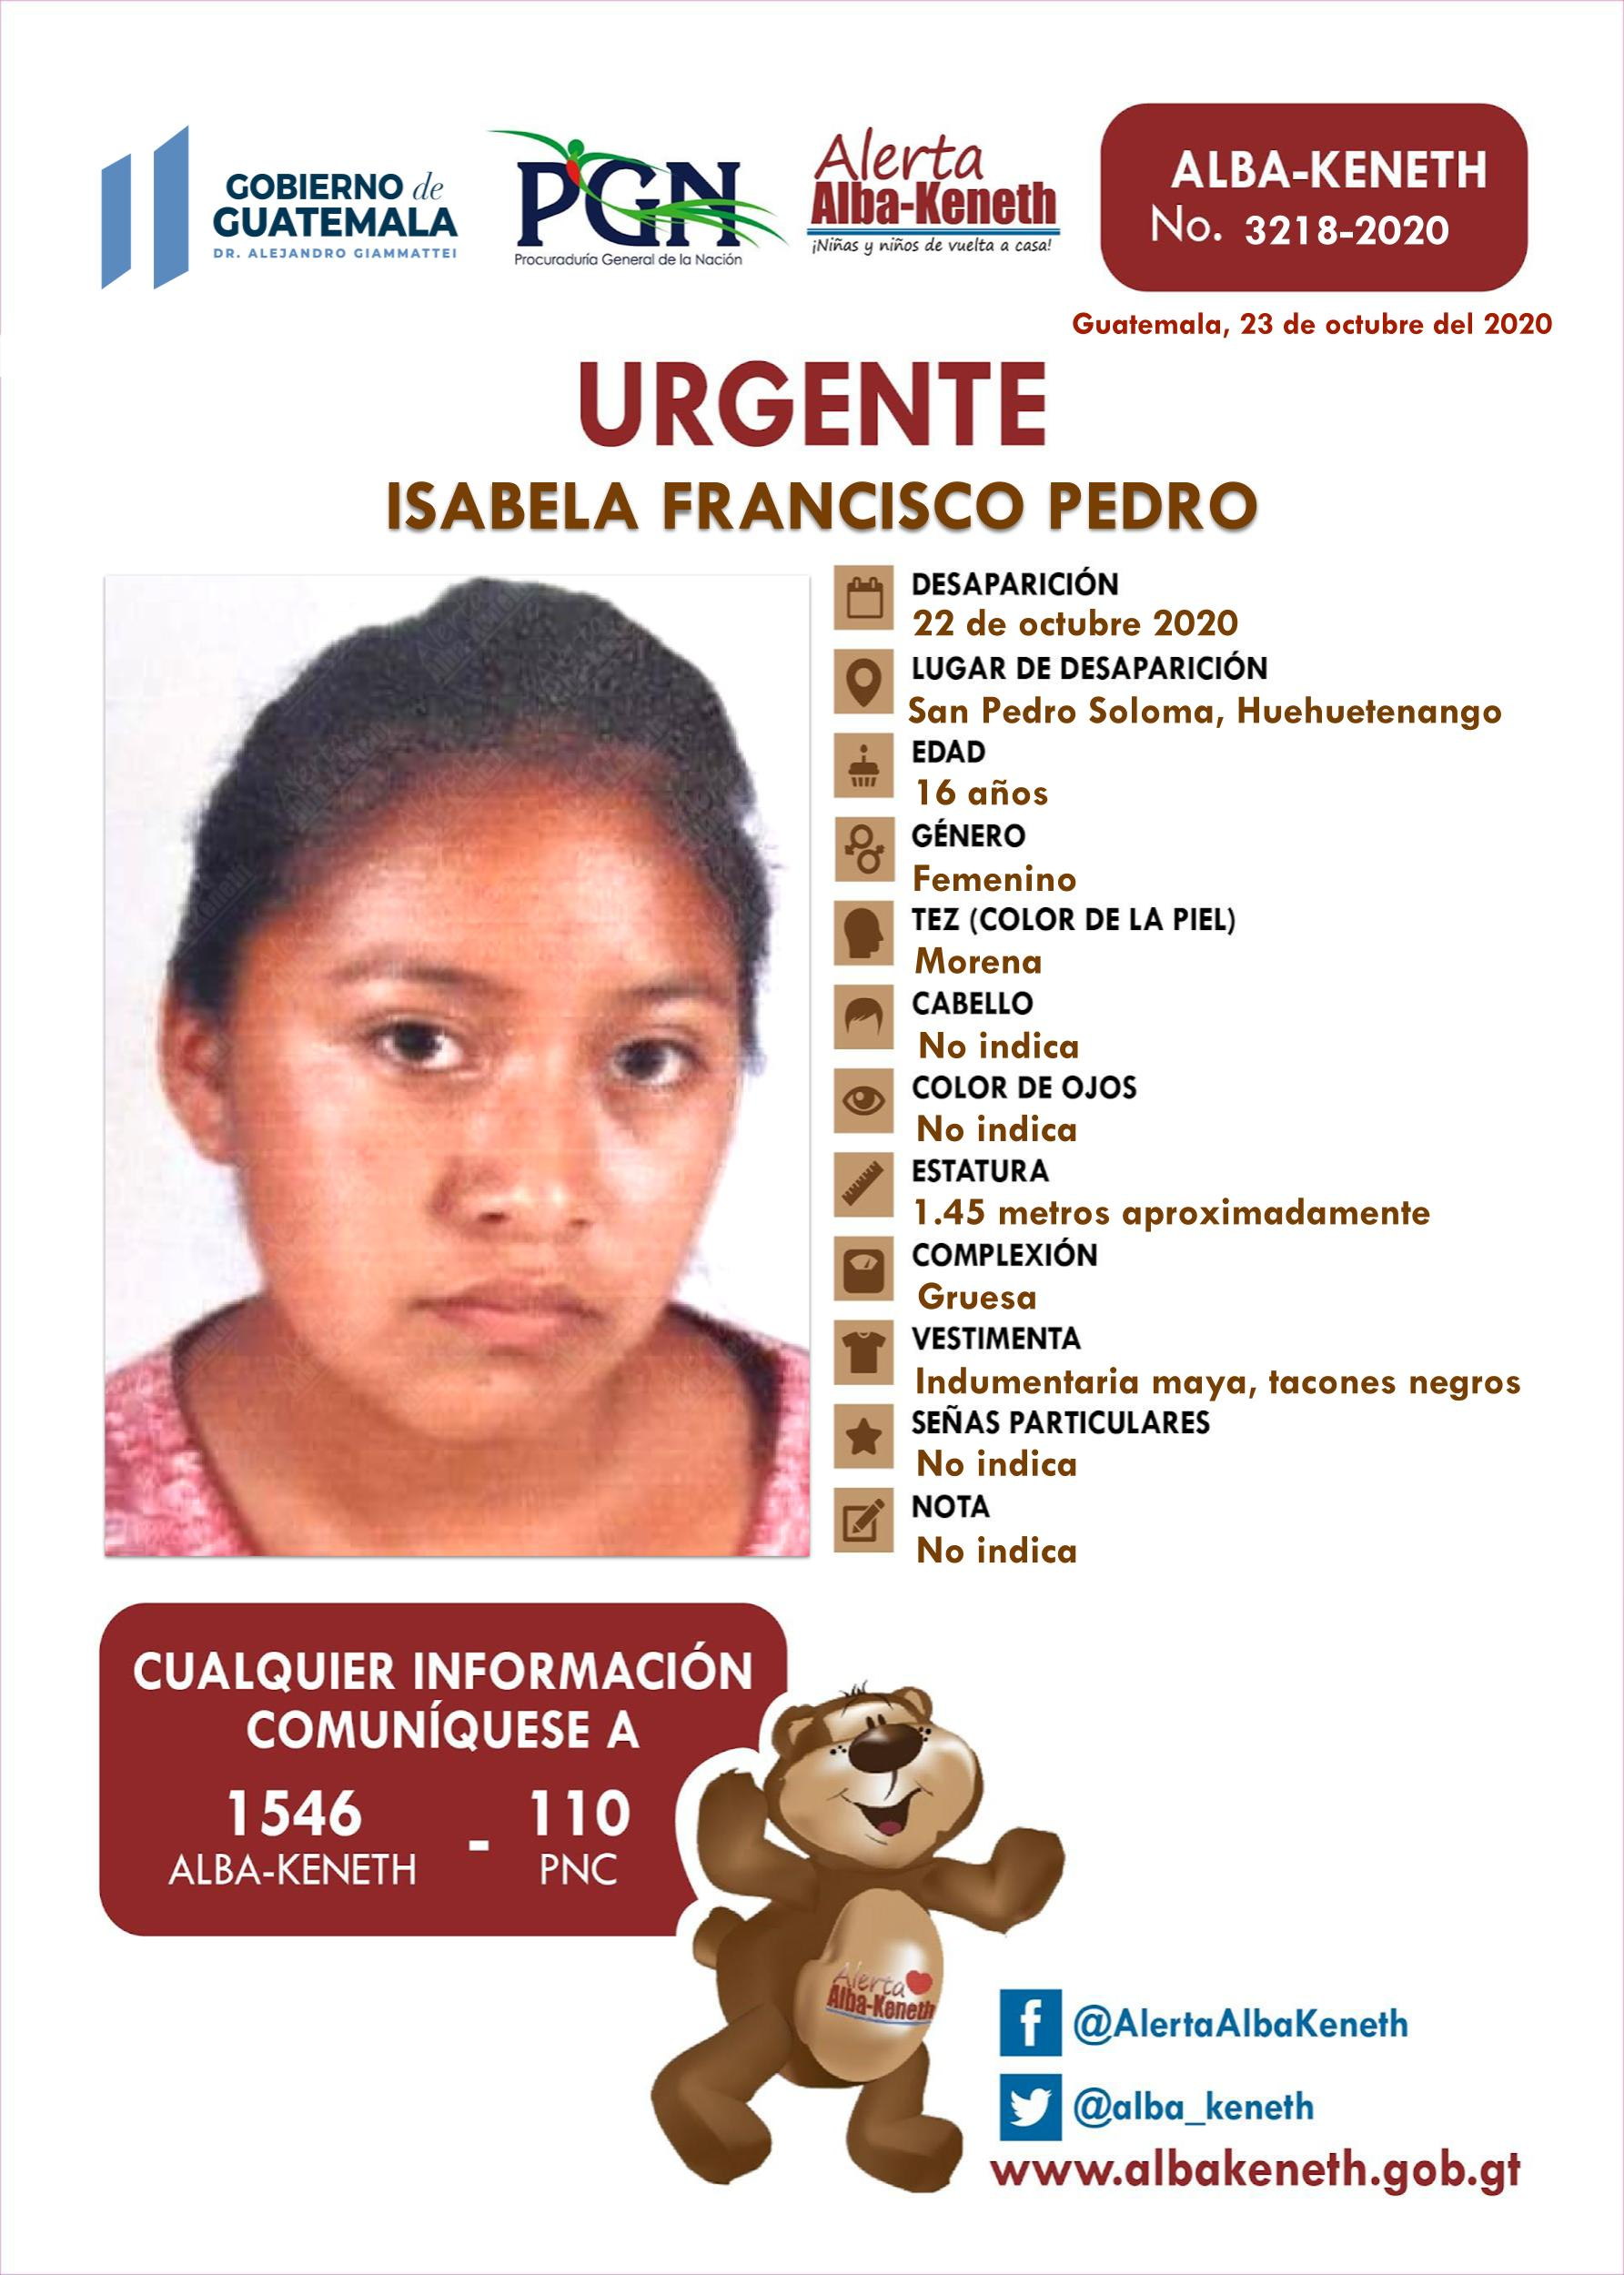 Isabela Francisco Pedro